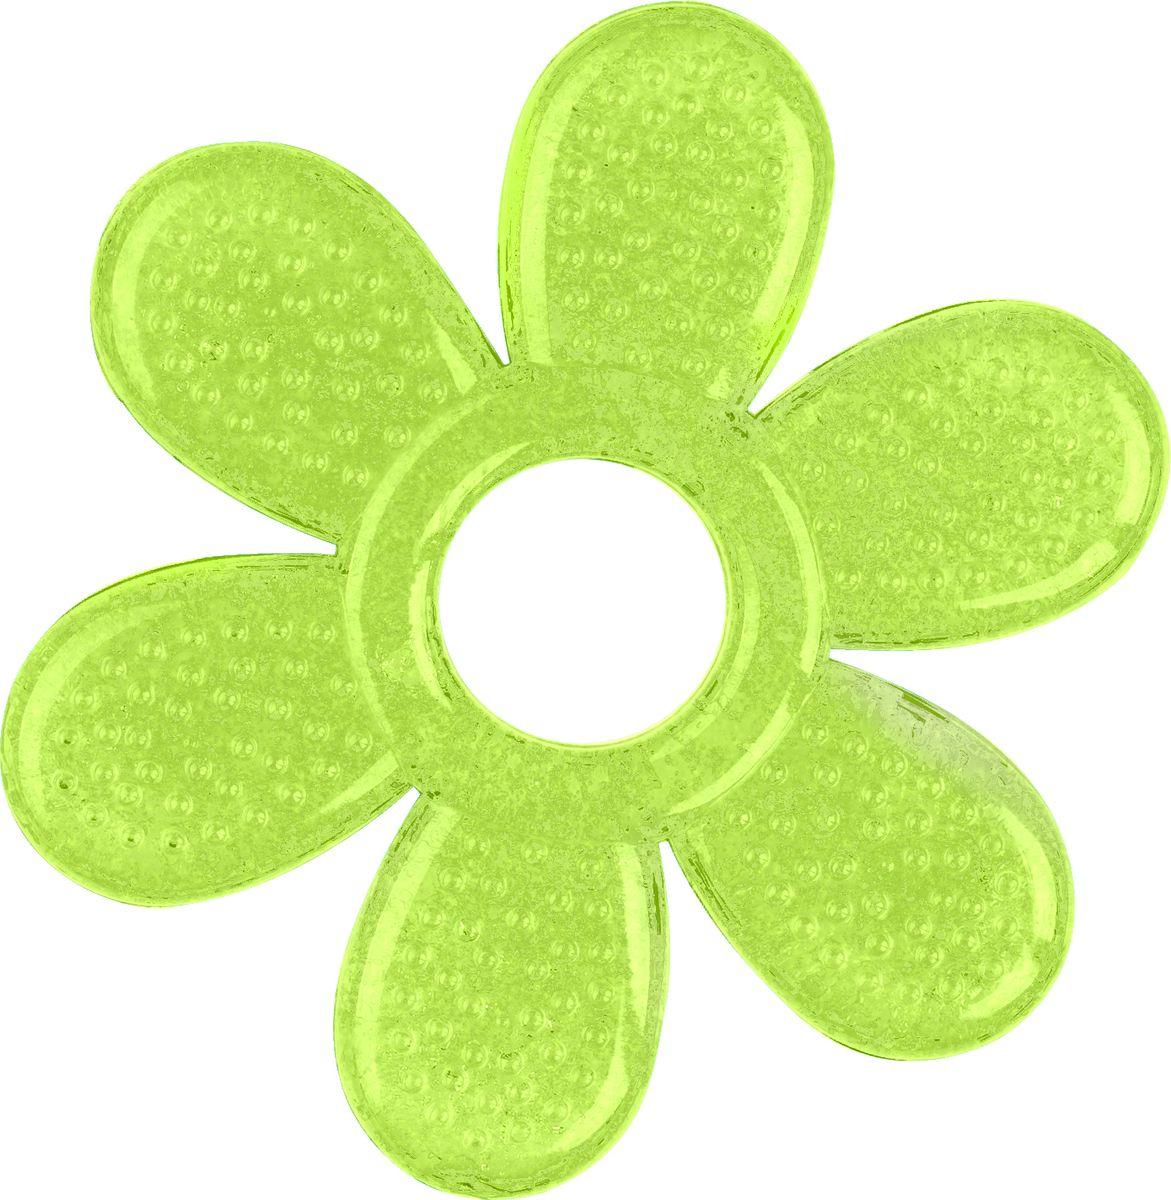 BabyOno Прорезыватель охлаждающий Лепесток цвет зеленый погремушки babyono прорезыватель черепашка